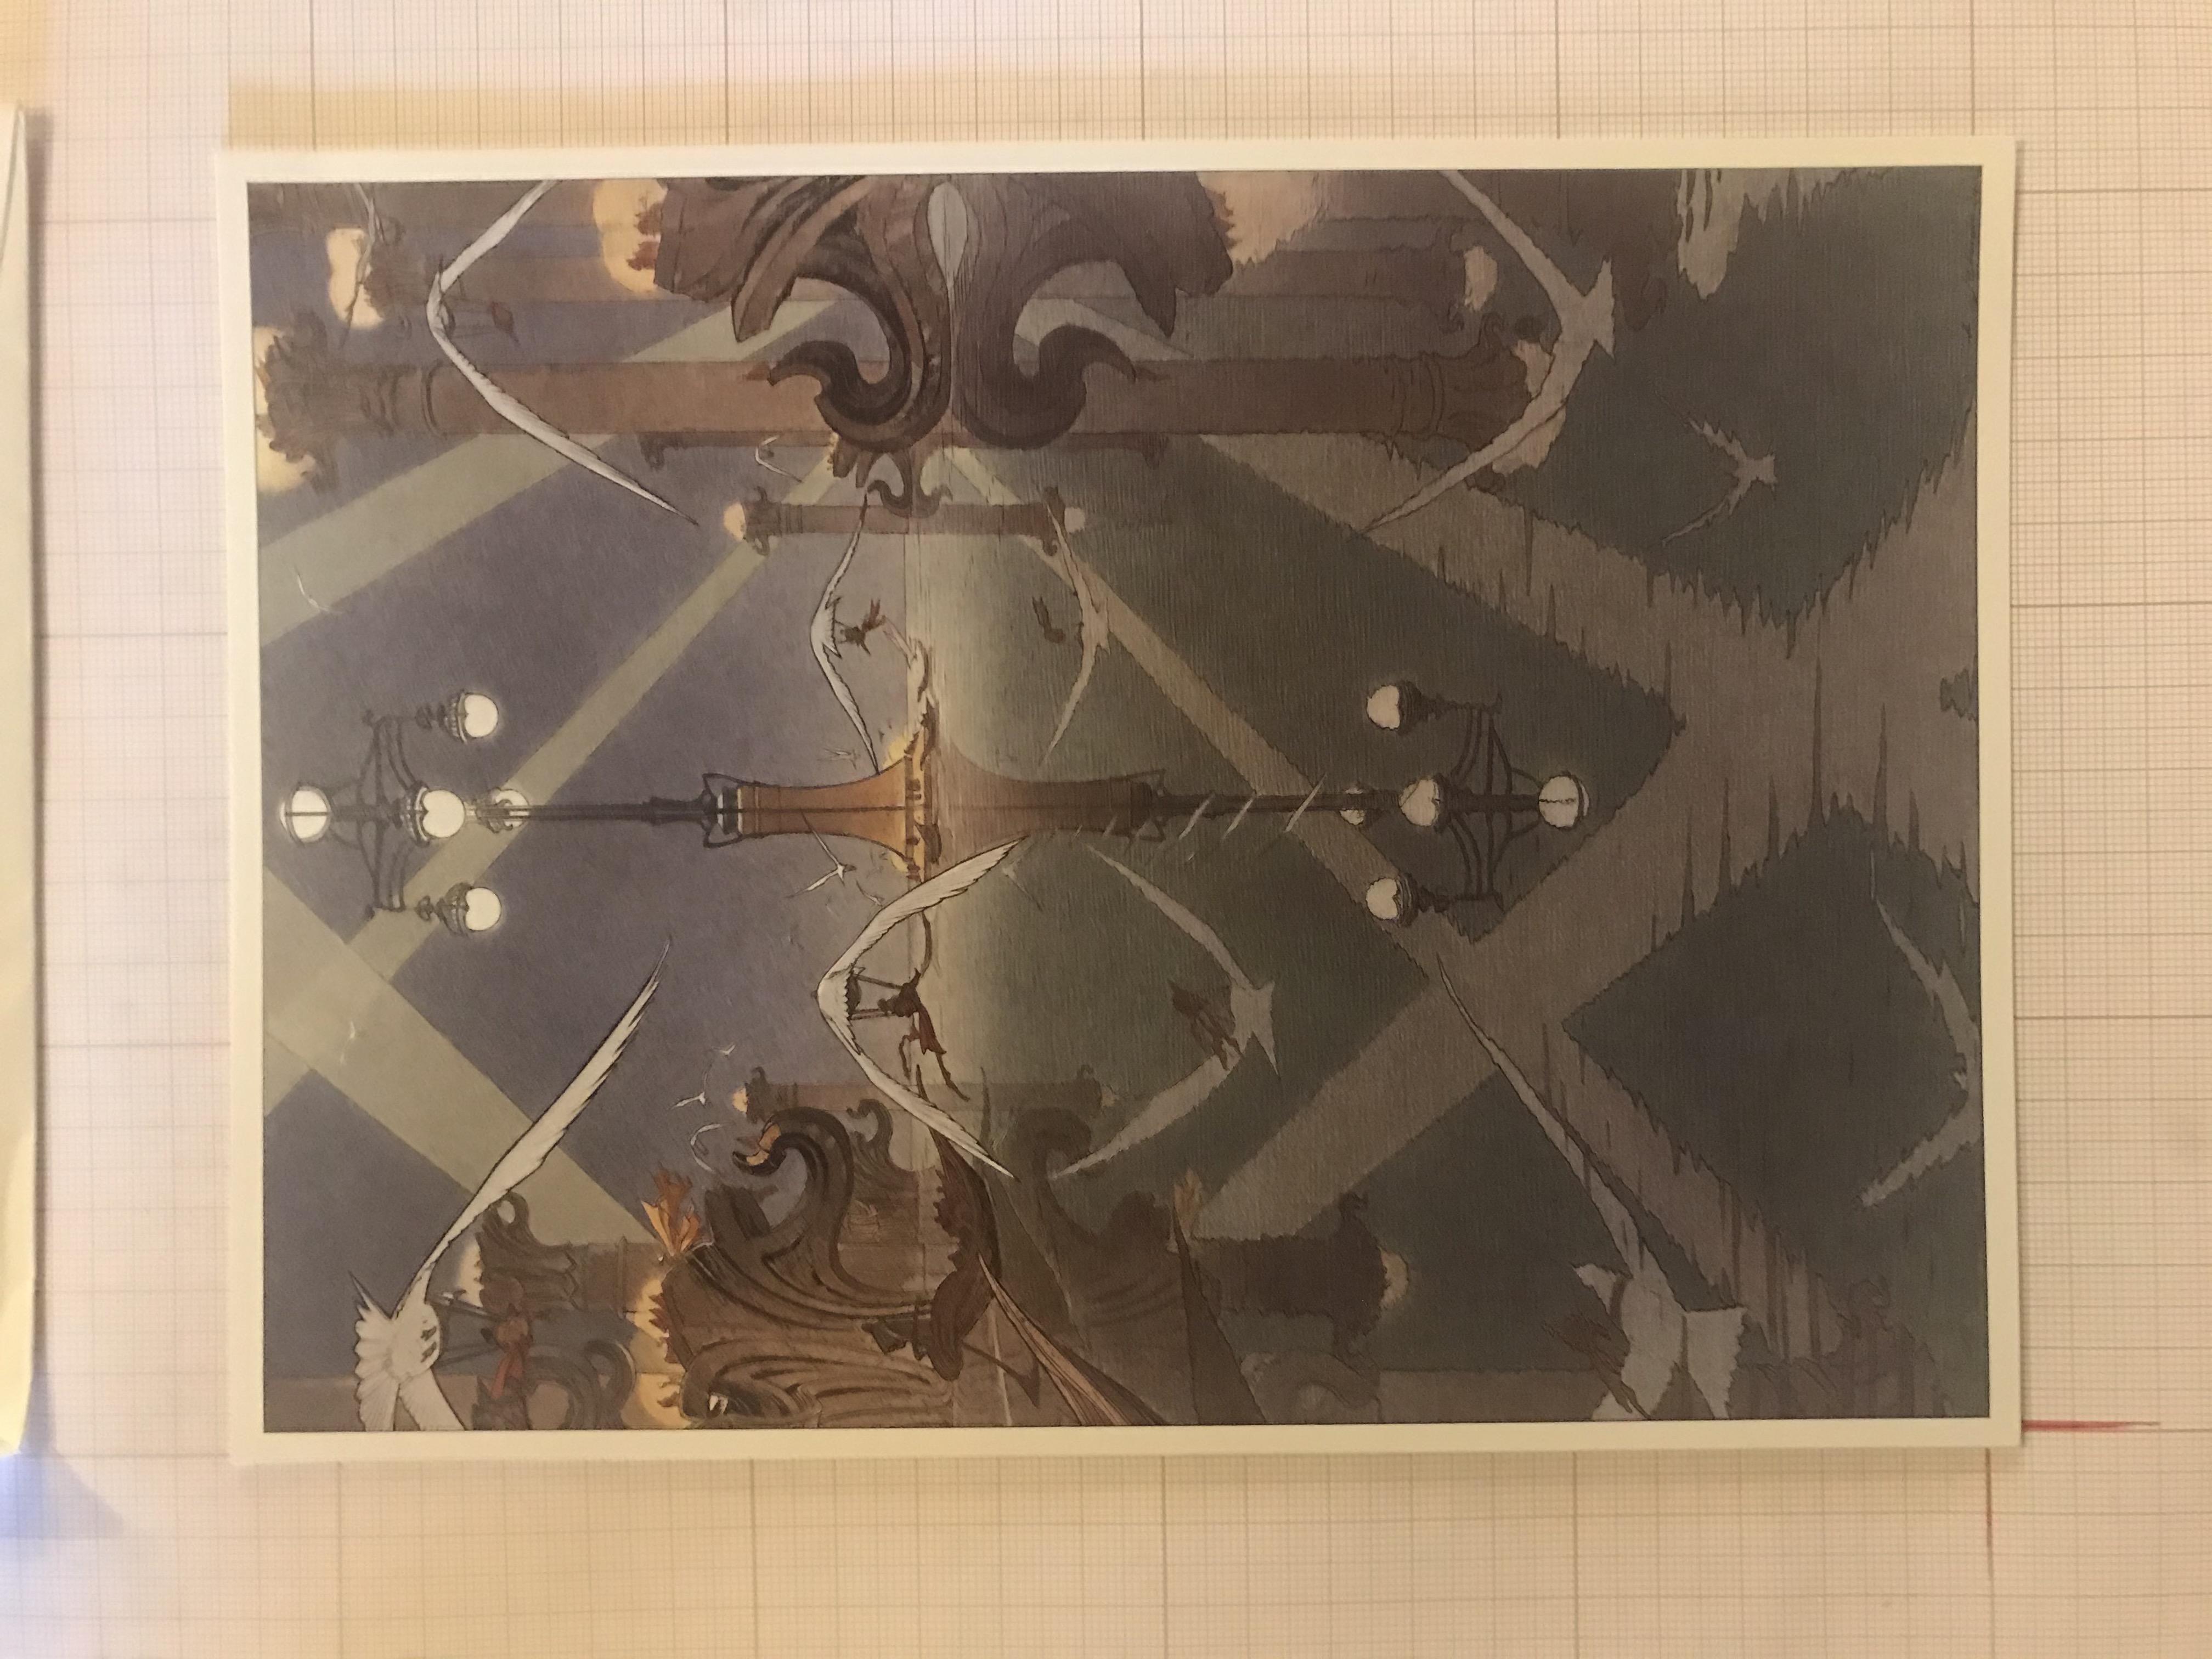 Carte de voeux McKinsey & Company© François Schuiten